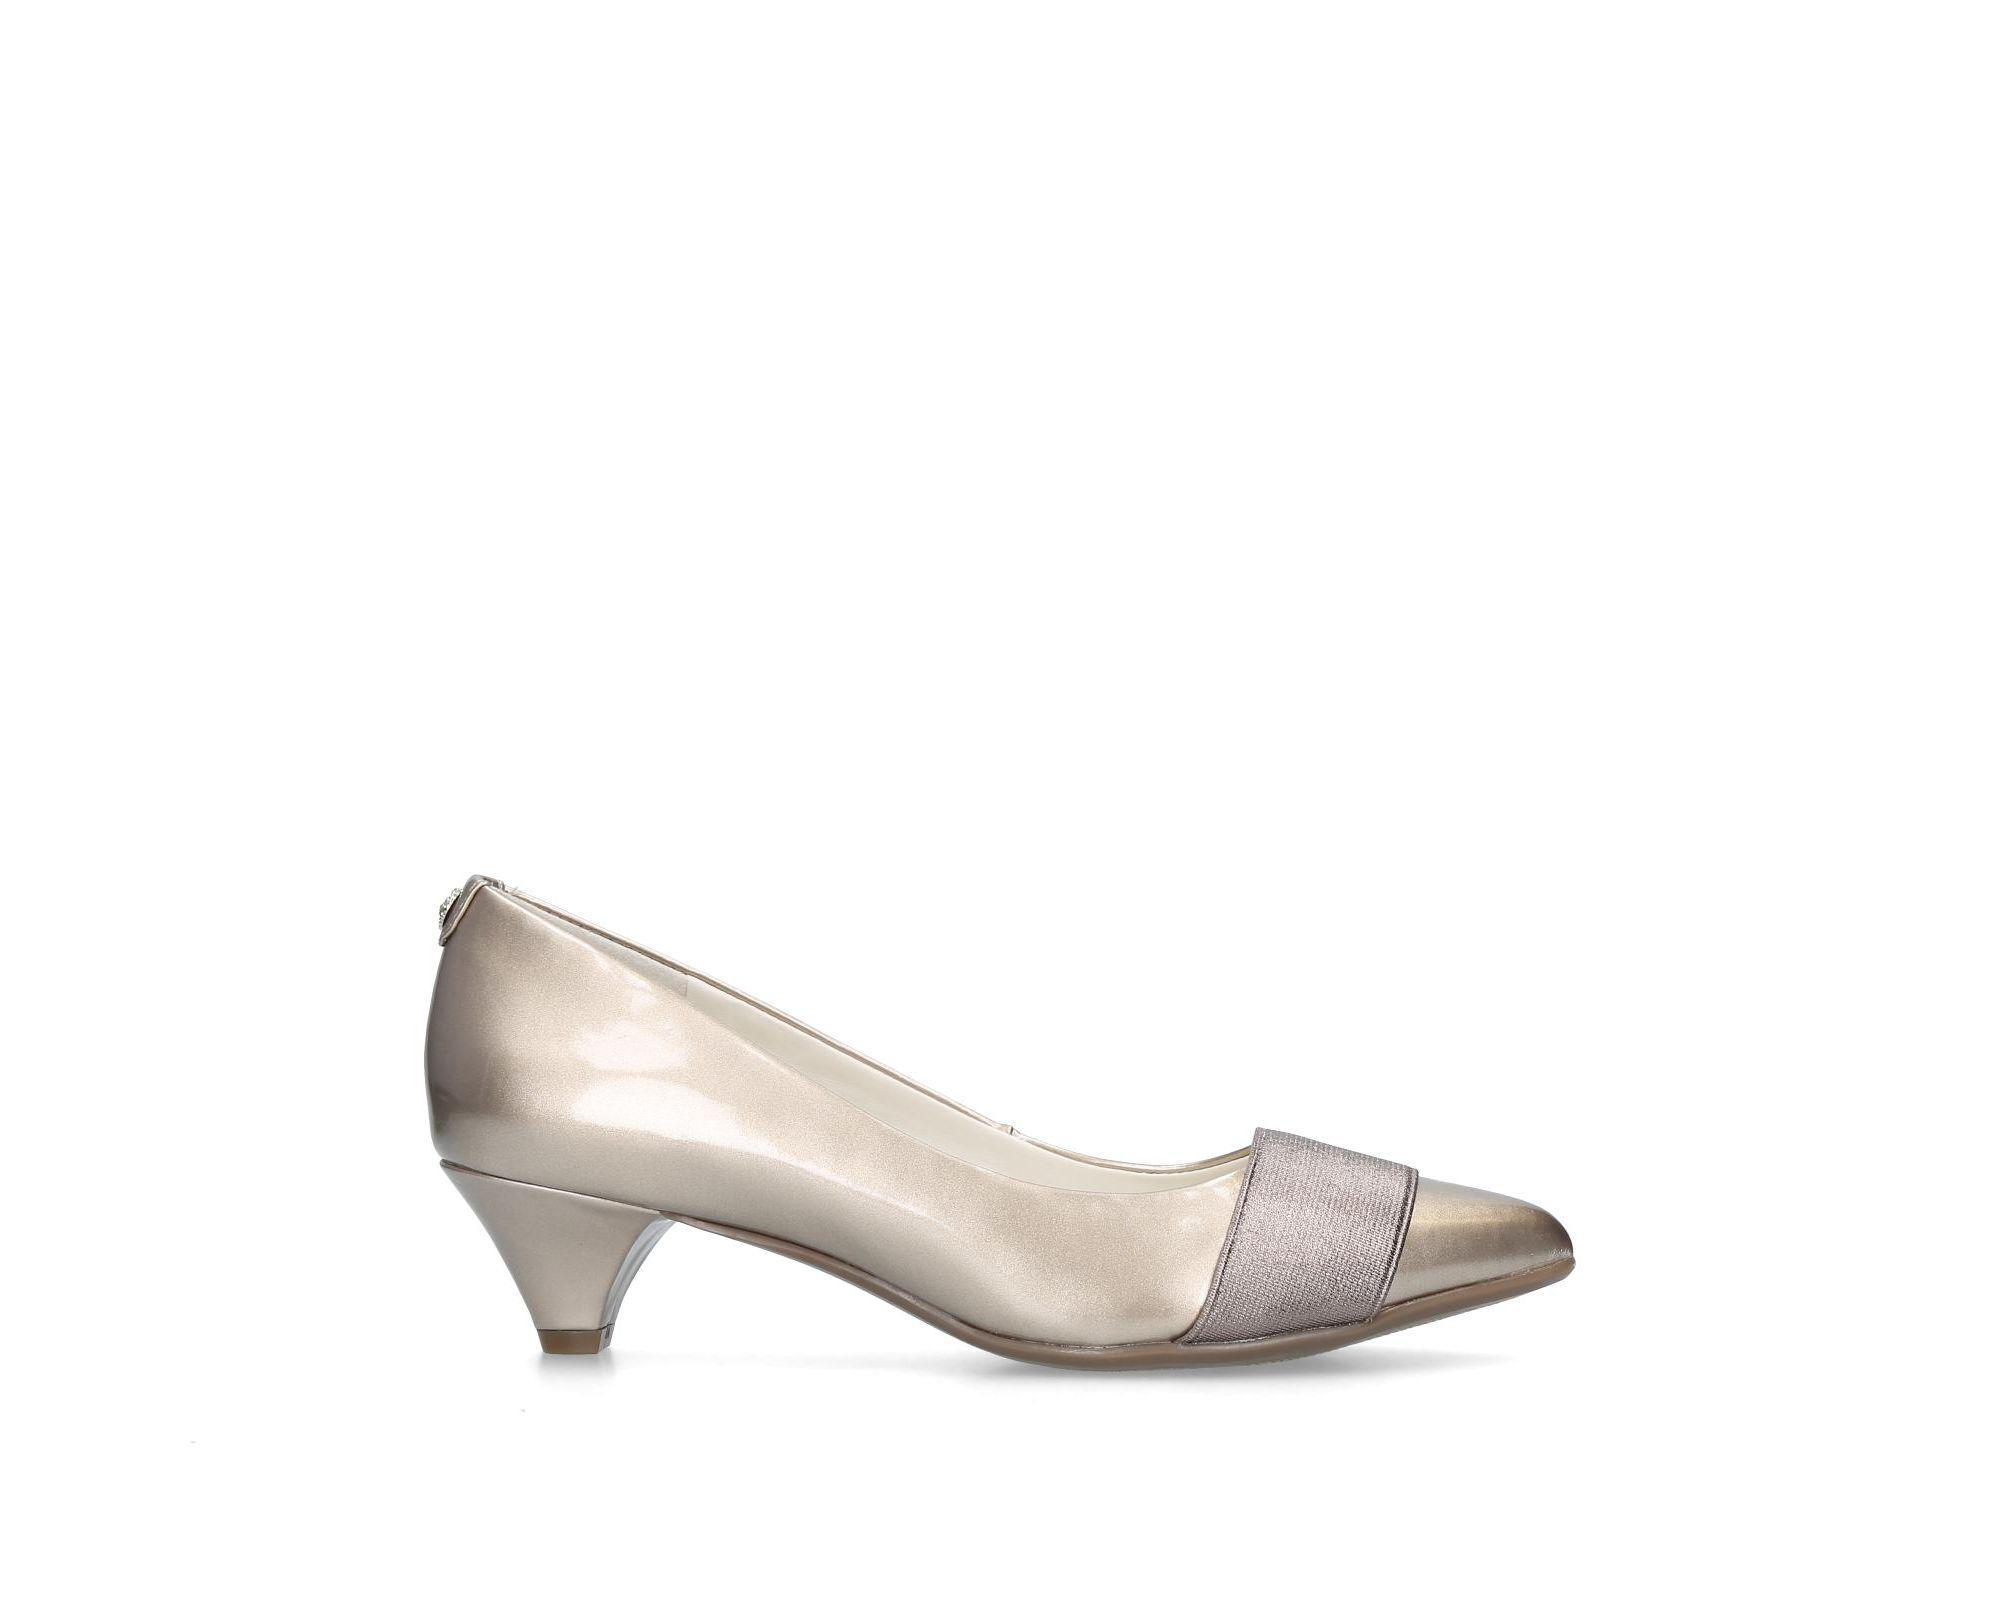 c48795e9e48 Anne Klein Bronze  xaria  Kitten Heel Court Shoes in Metallic - Lyst